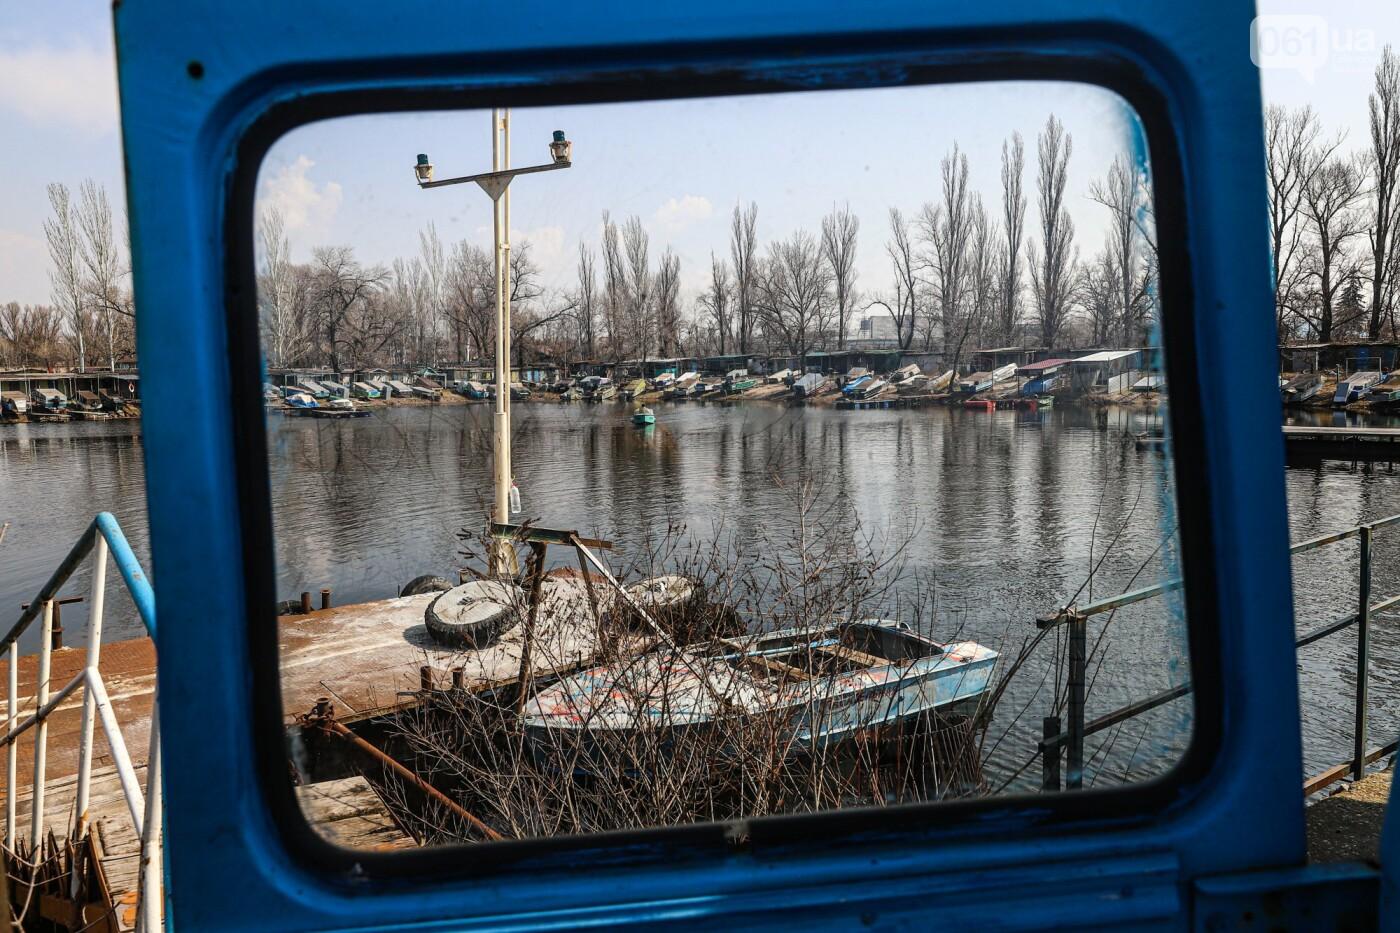 Монтаж первого пролета вантового моста, транспортный локдаун и репортаж из заброшенной шахты: апрель в фотографиях, фото-20